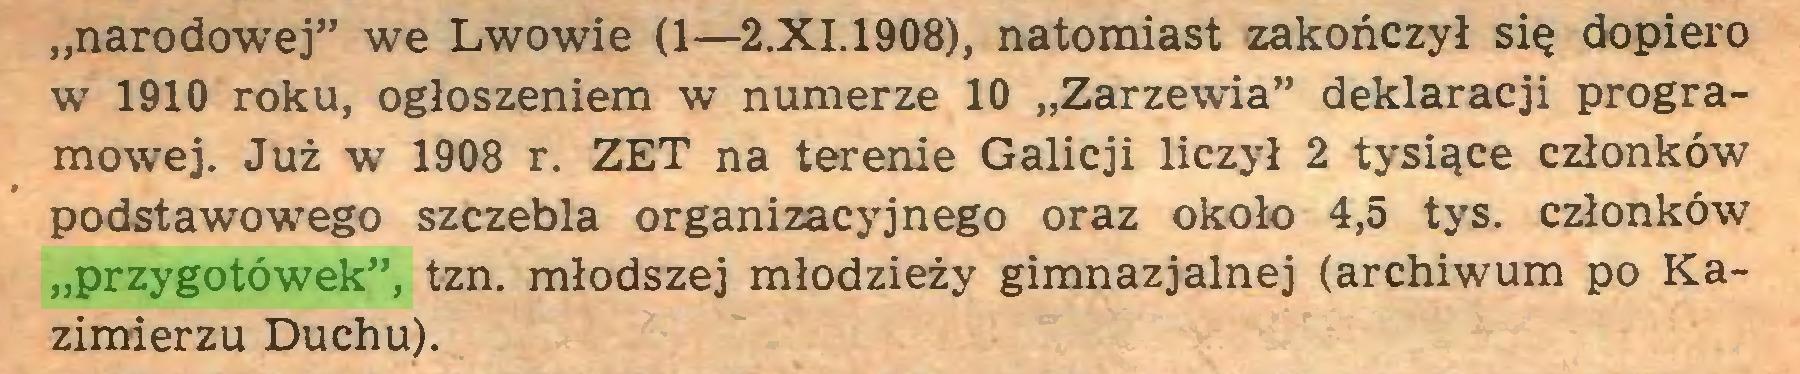 """(...) """"narodowej"""" we Lwowie (1—2.XI.1908), natomiast zakończył się dopiero w 1910 roku, ogłoszeniem w numerze 10 """"Zarzewia"""" deklaracji programowej. Już w 1908 r. ZET na terenie Galicji liczył 2 tysiące członków podstawowego szczebla organizacyjnego oraz około 4,5 tys. członków """"przygotówek"""", tzn. młodszej młodzieży gimnazjalnej (archiwum po Kazimierzu Duchu)..."""